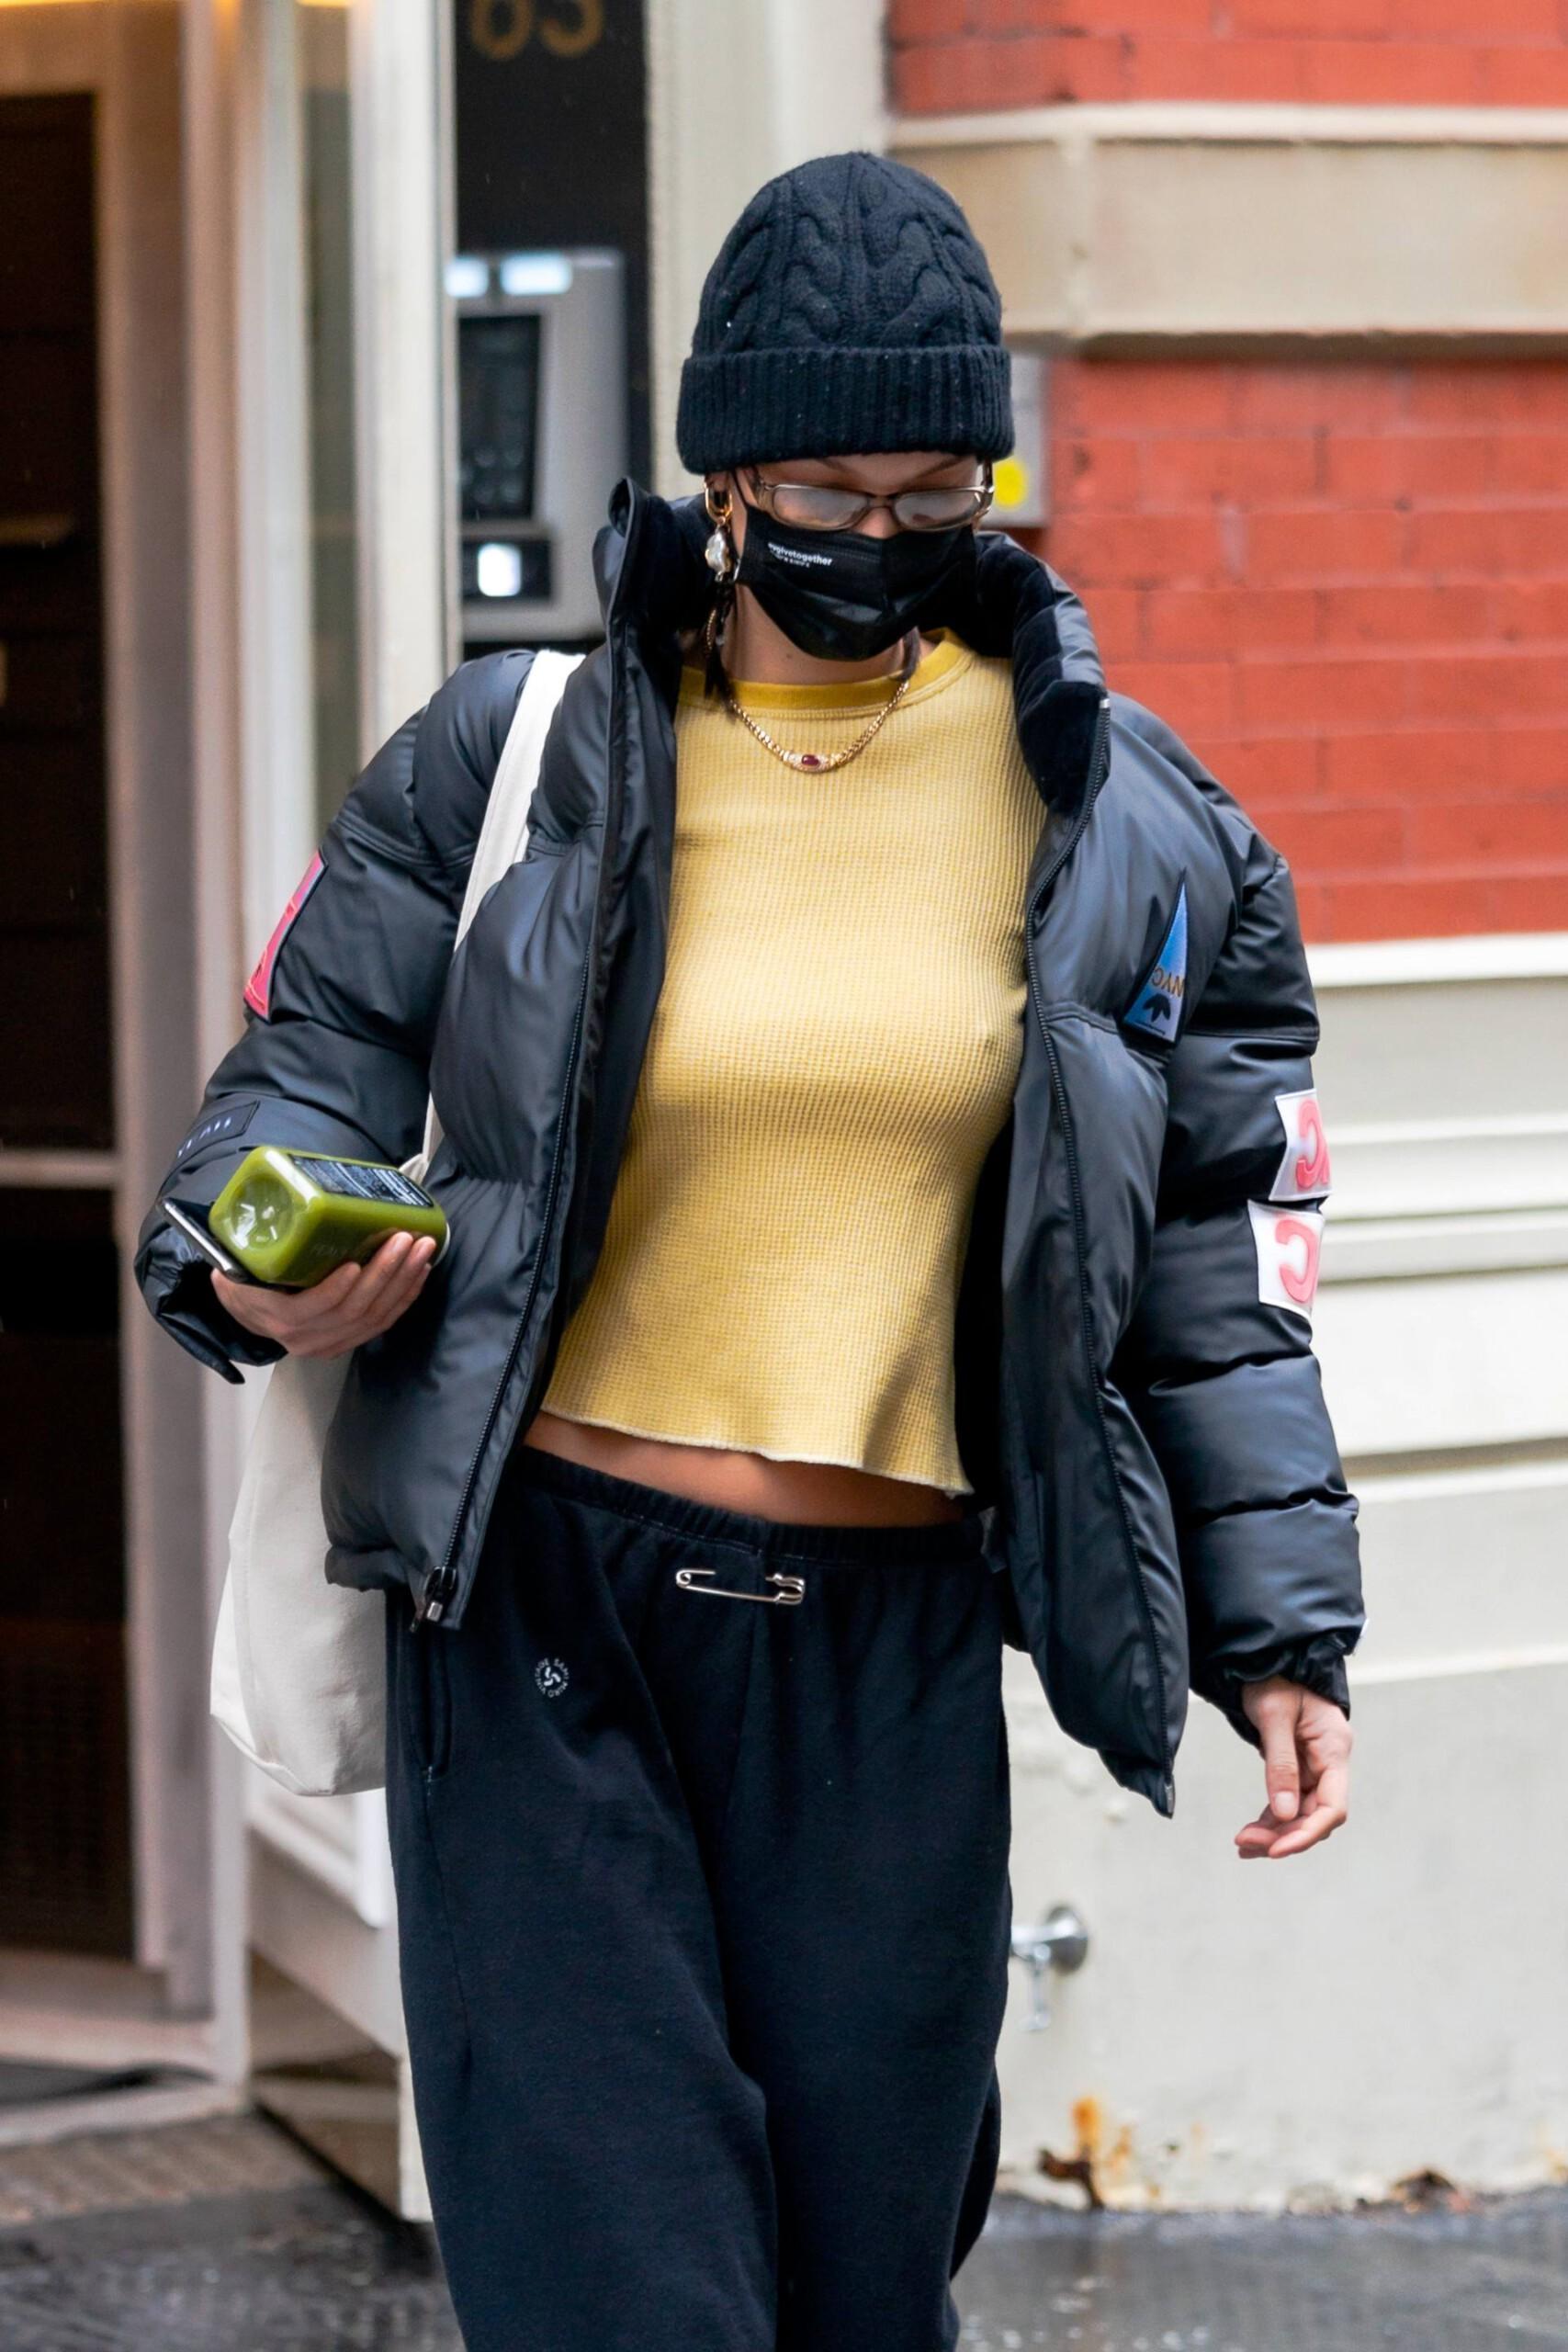 おっぱい丸見え!人気モデル、ベラ・ハディッド(19歳)の透ける私服姿にビックリ仰天! - xnews2 スキャンダラスな光景